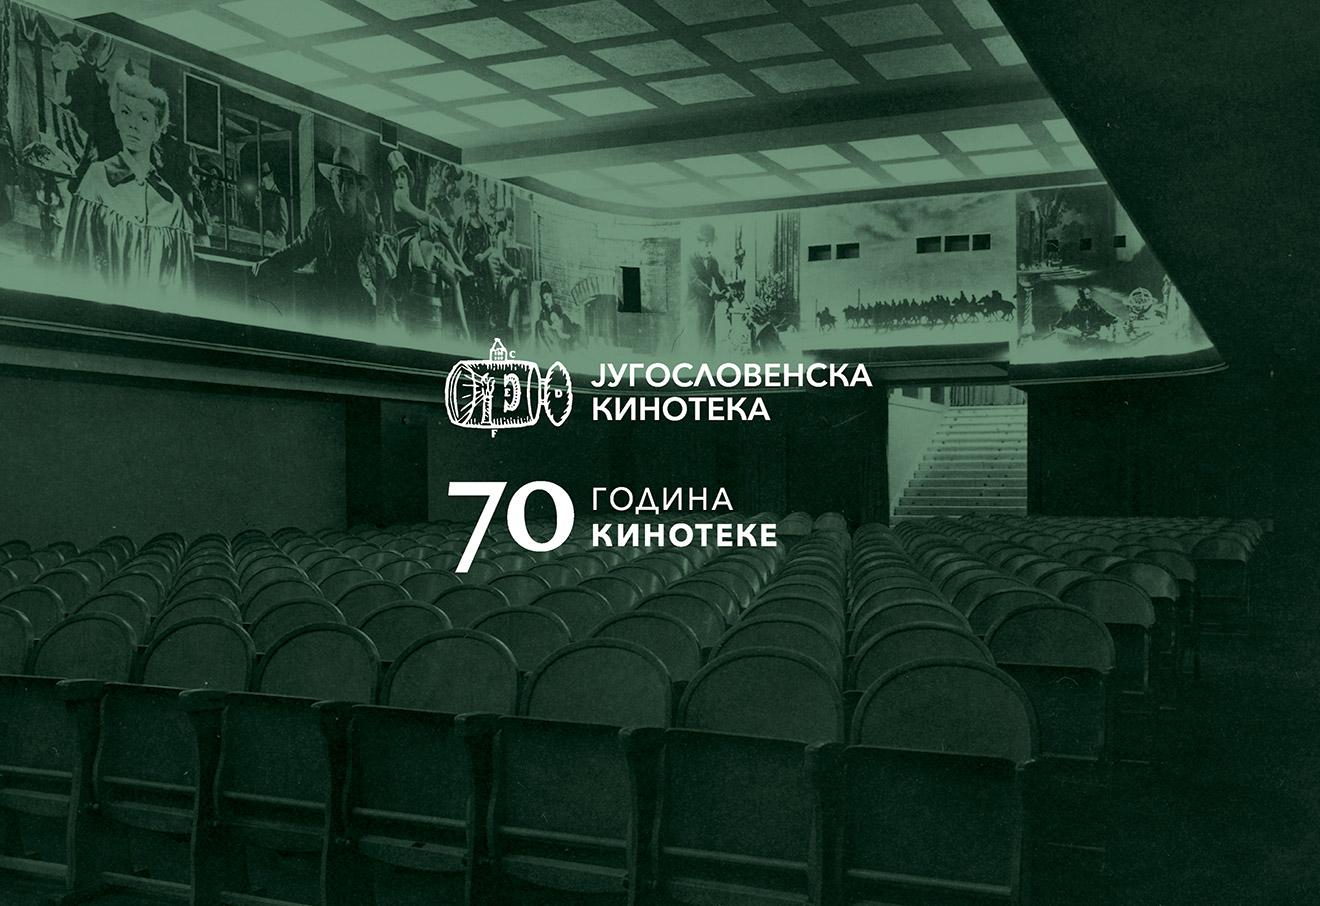 70 godina Kinozeke